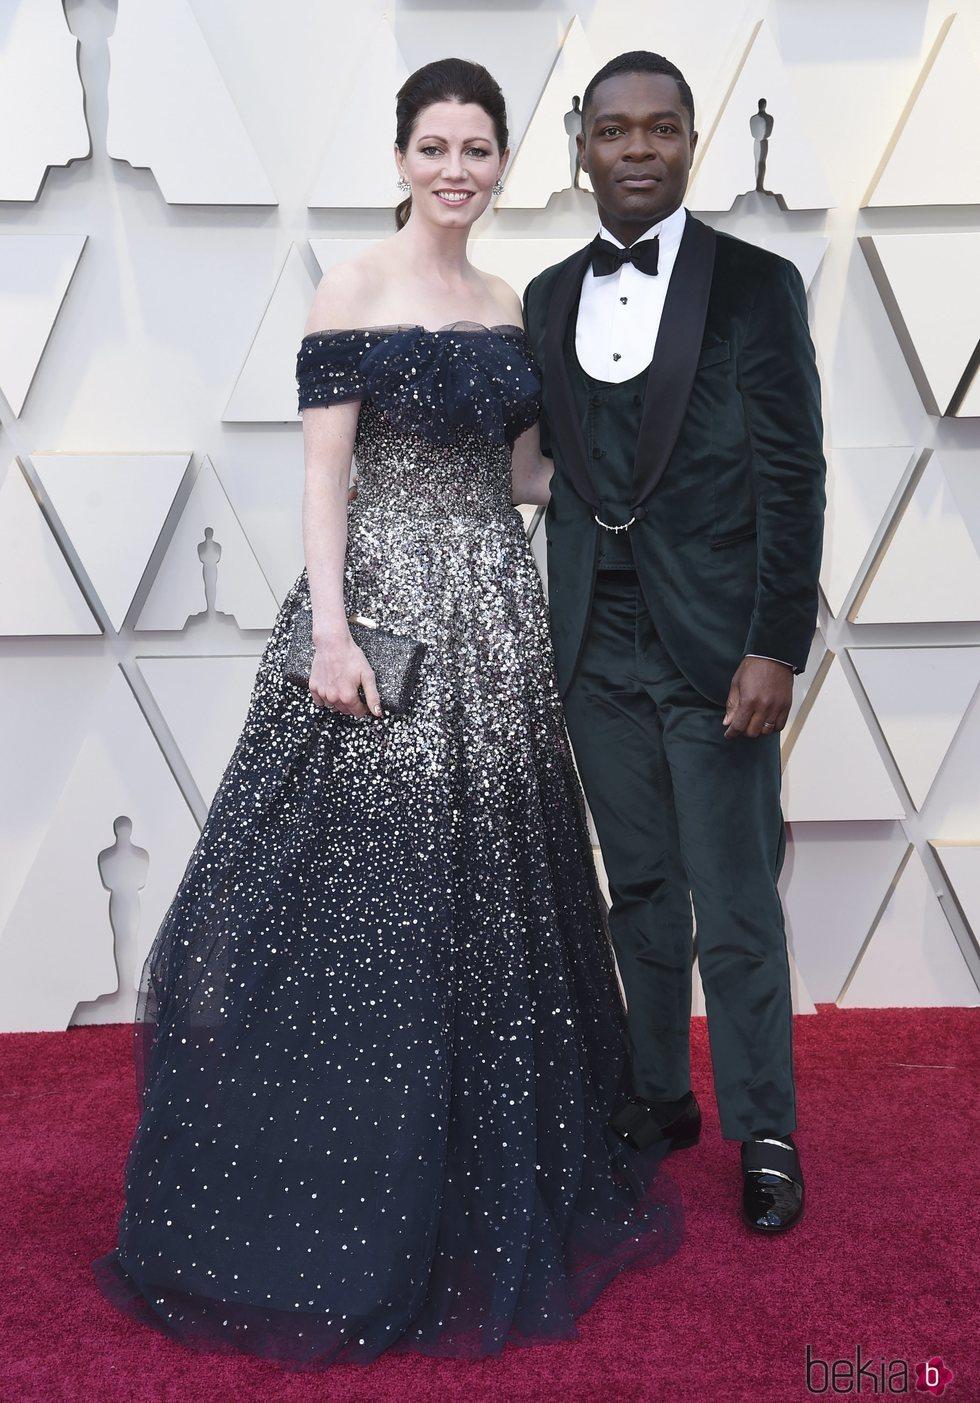 David Oyelowo y Jessica Oyelowo en la alfombra roja de los Premios Oscar 2019